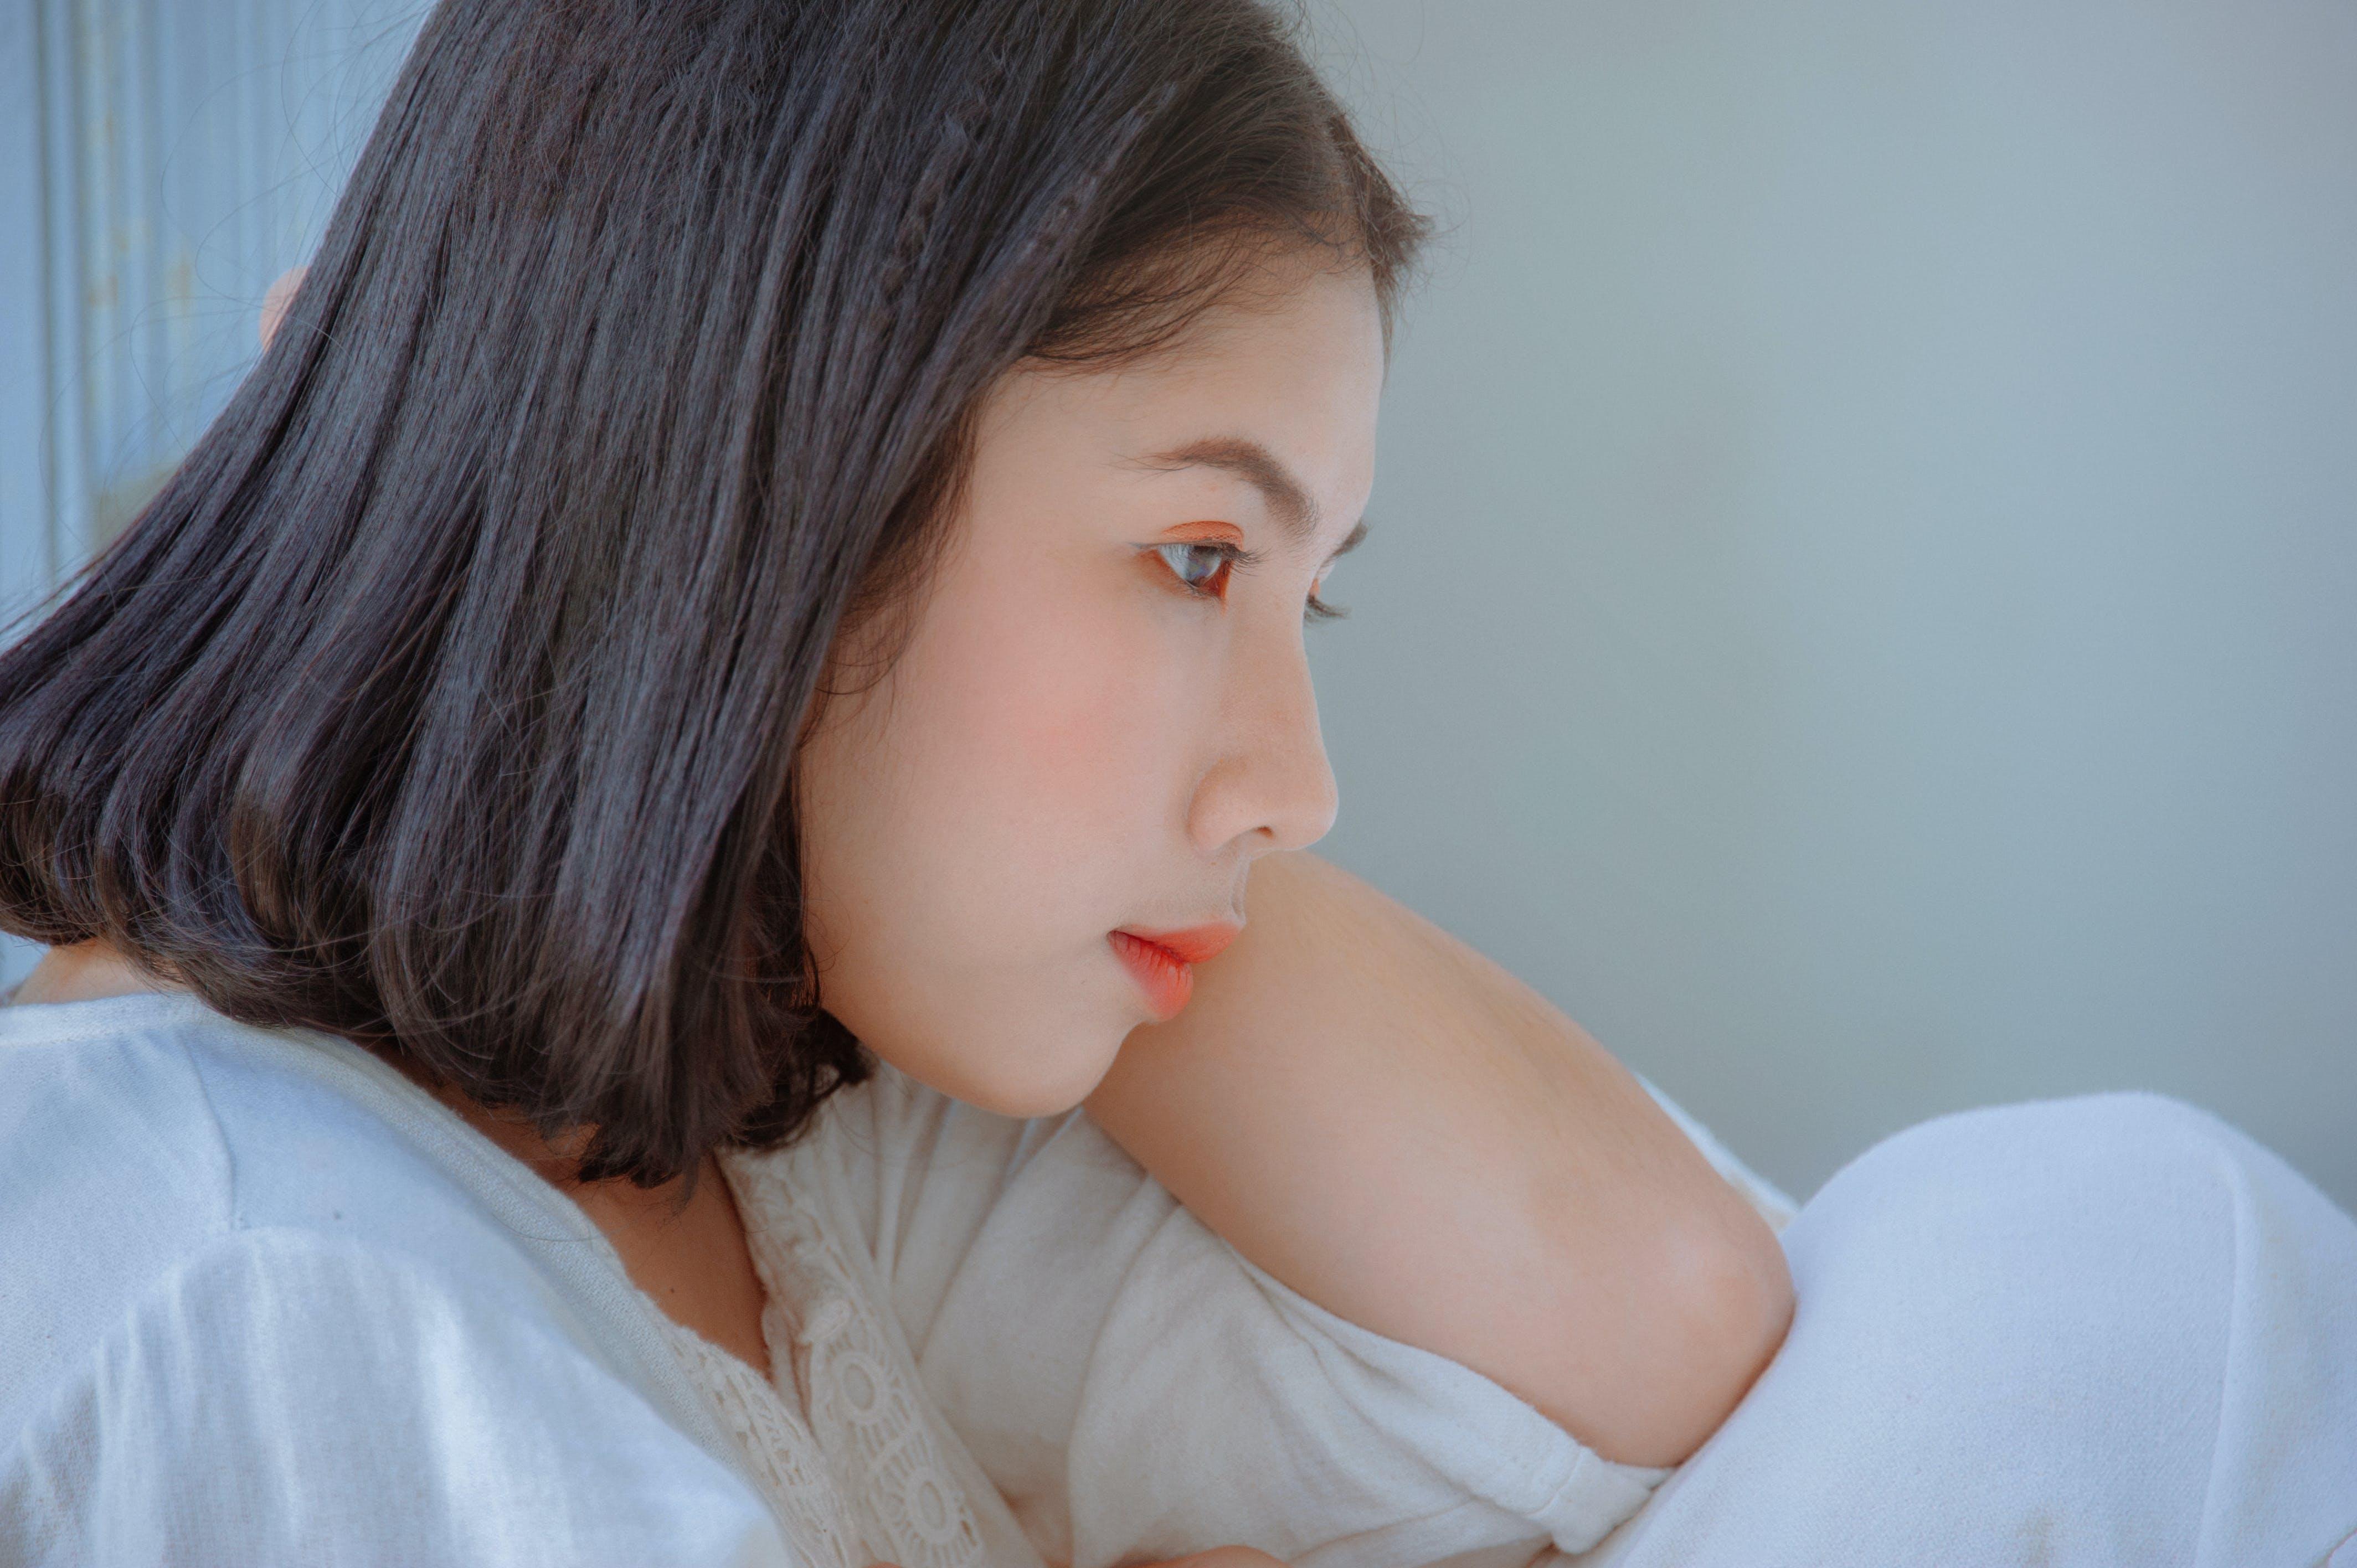 Gratis lagerfoto af asiatisk kvinde, asiatisk person, Asiatisk pige, attraktiv